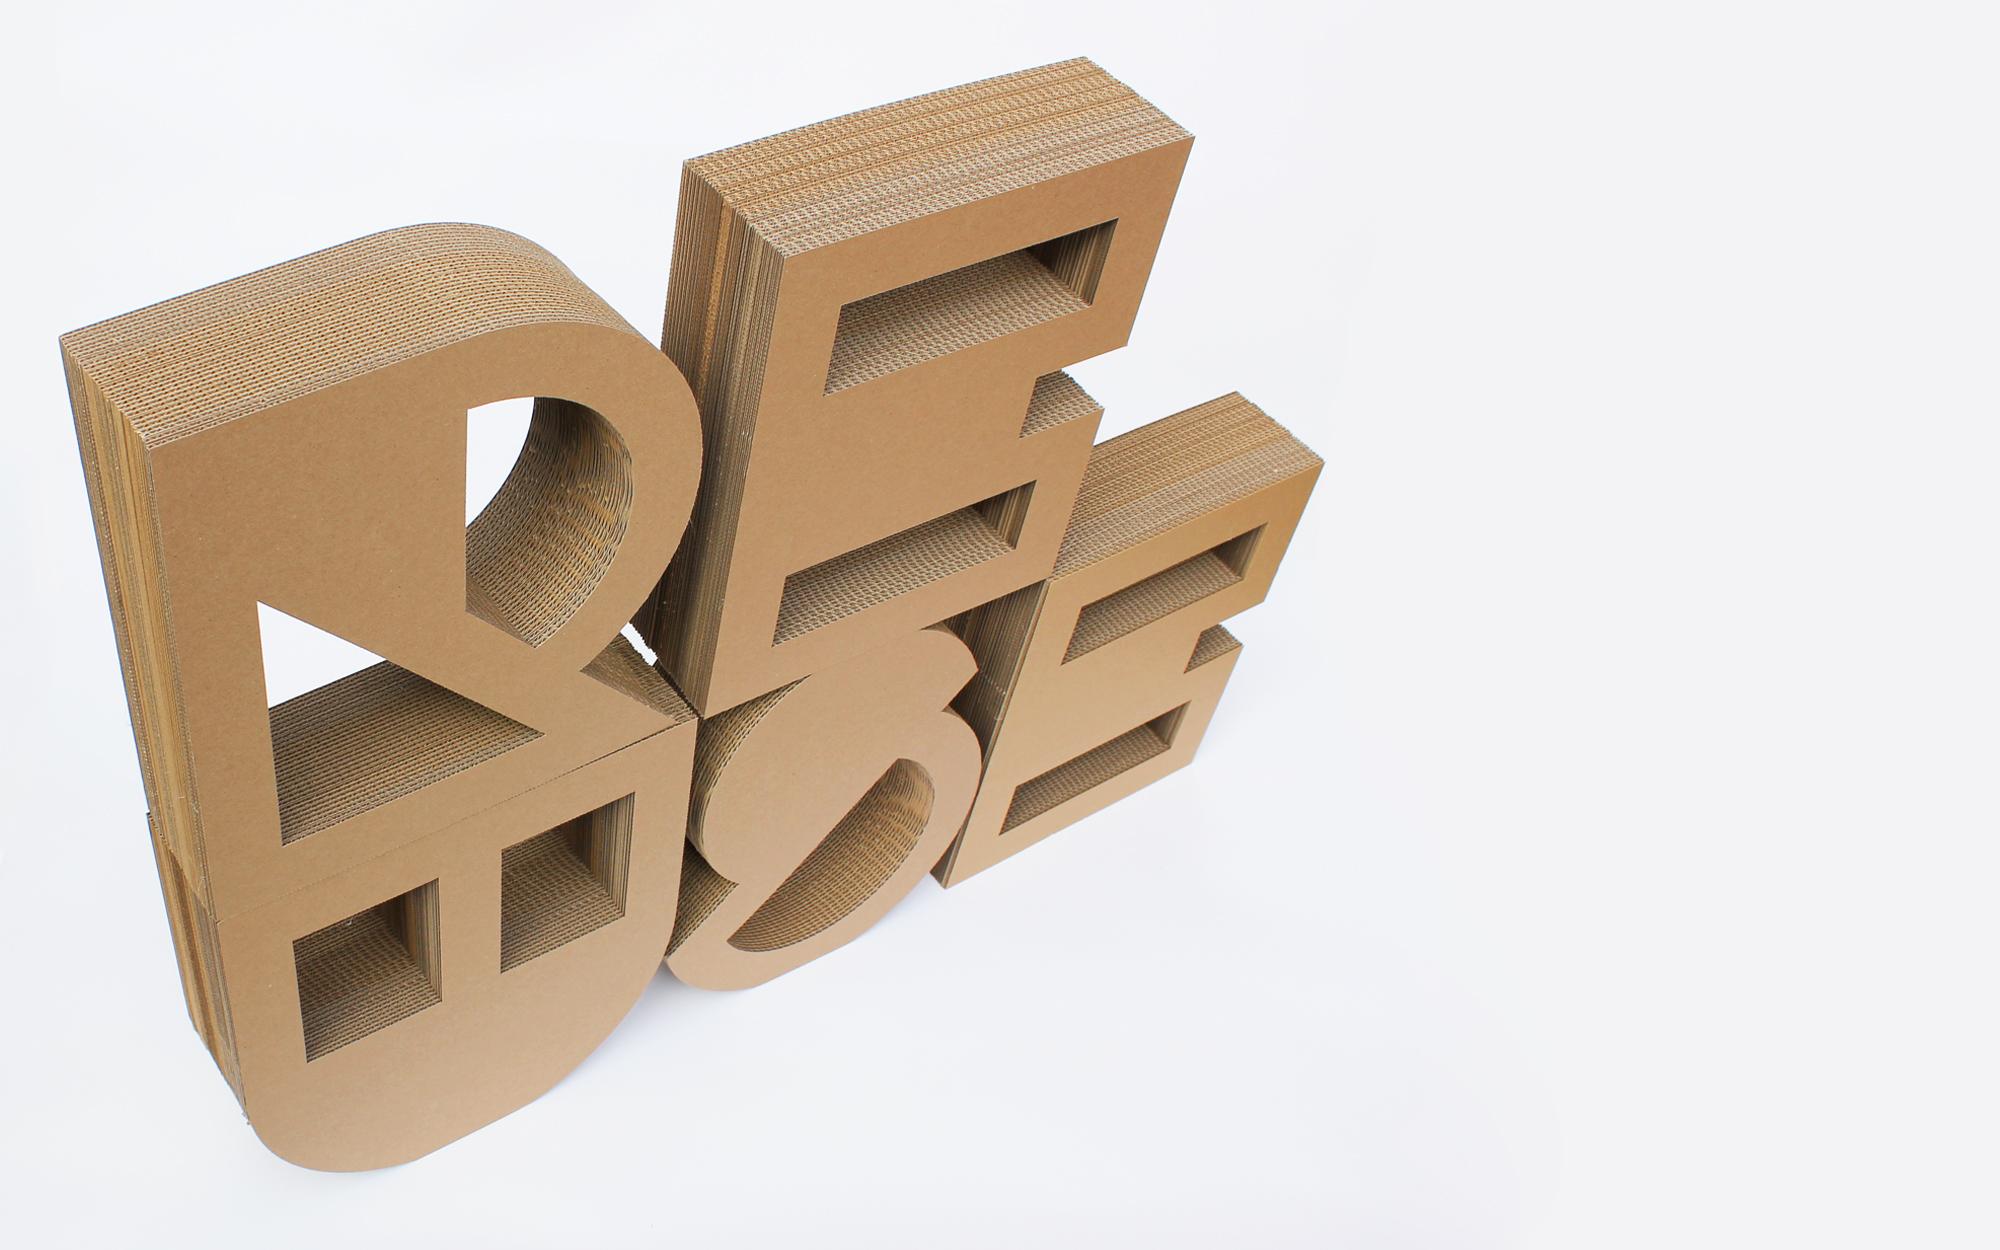 reuse_type_cardboard_typography_matthew_pomorski_graphic_designer_kent_2